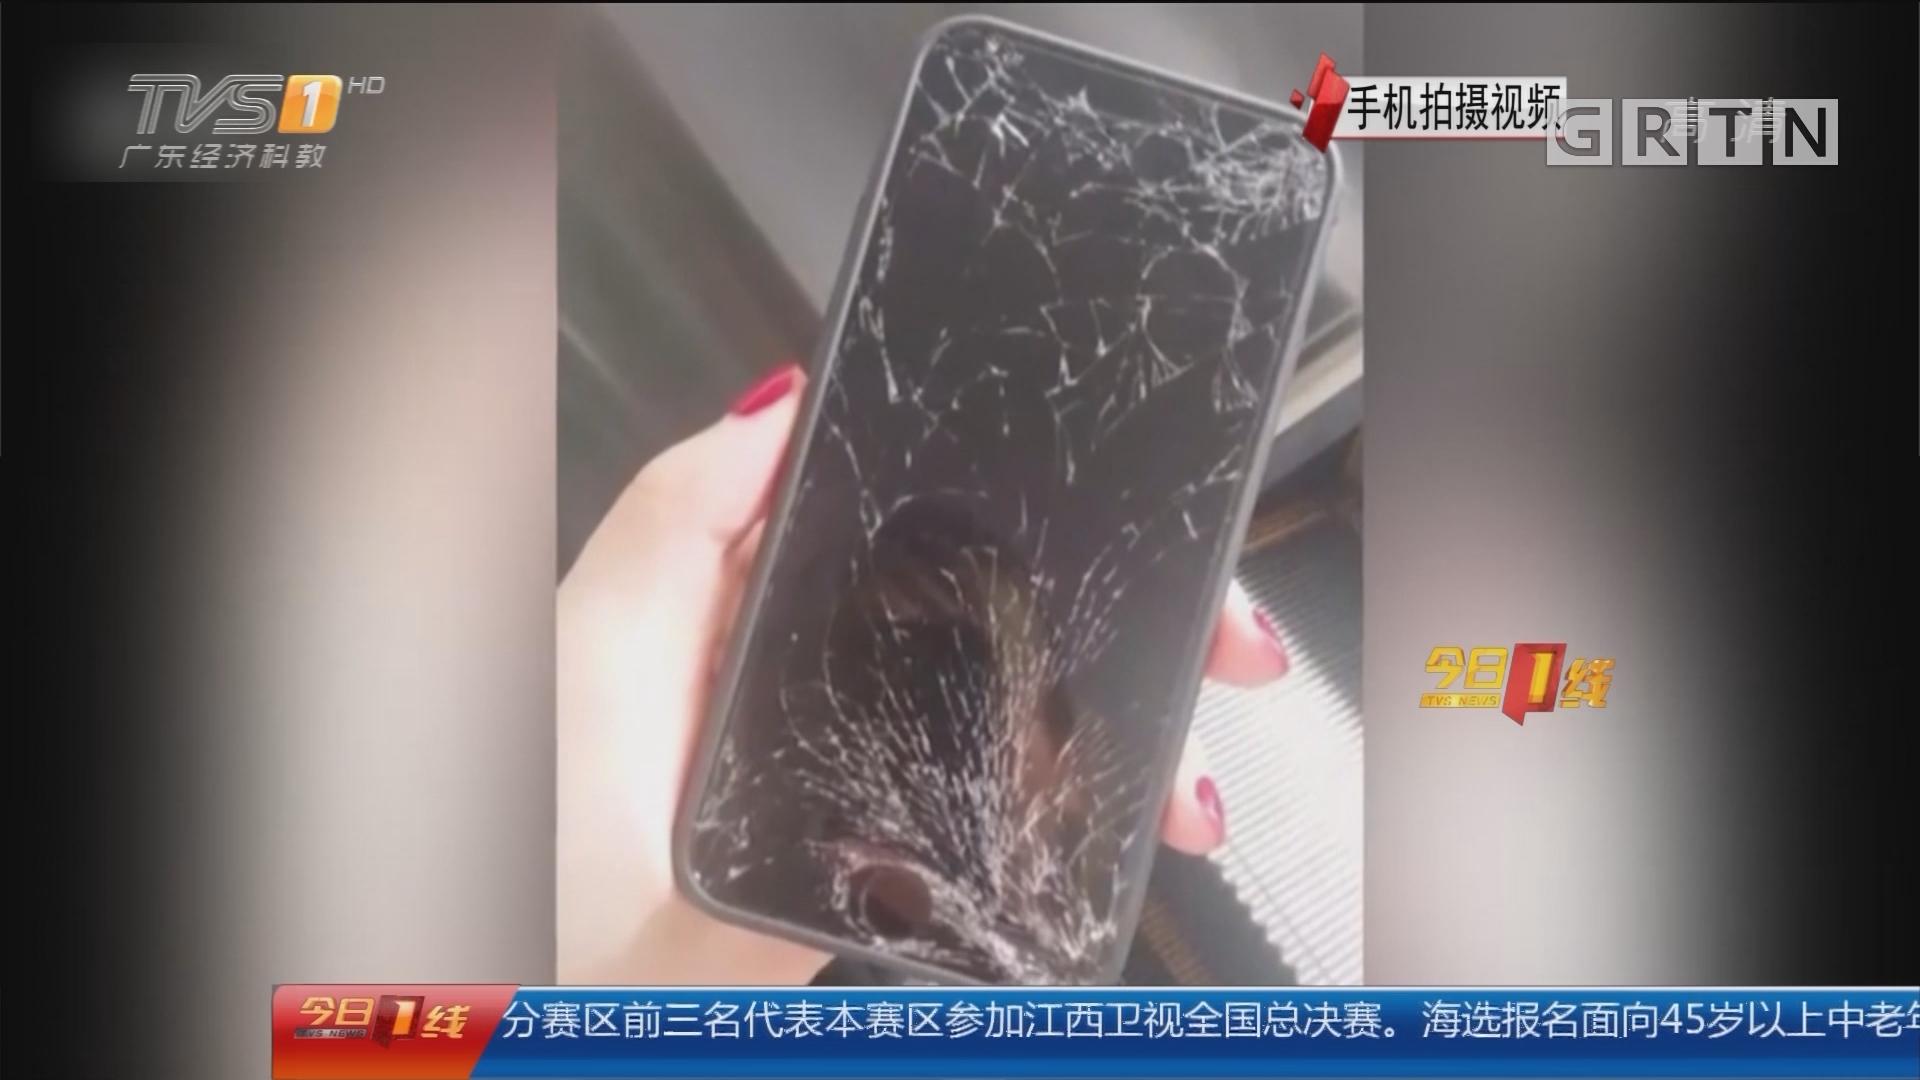 宁波:索要两千报酬不成 大妈竟摔失主手机